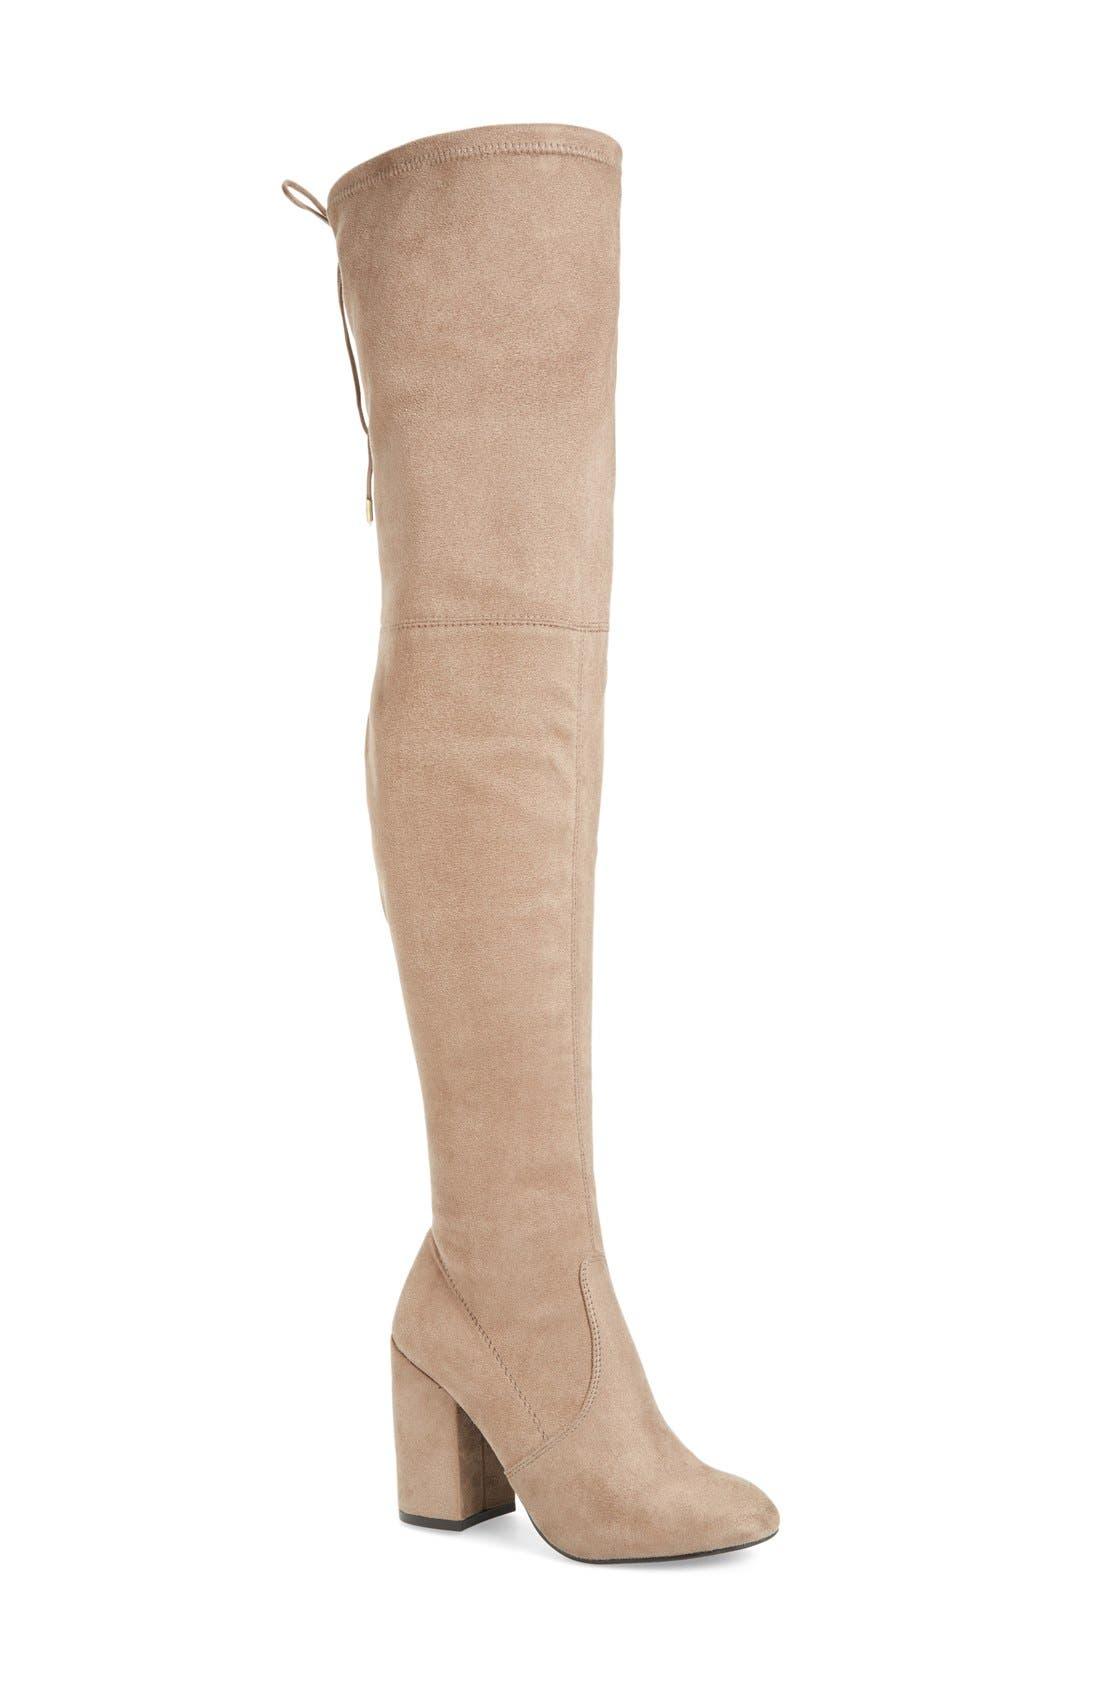 Alternate Image 1 Selected - Steve Madden Norri Over the Knee Boot (Women)